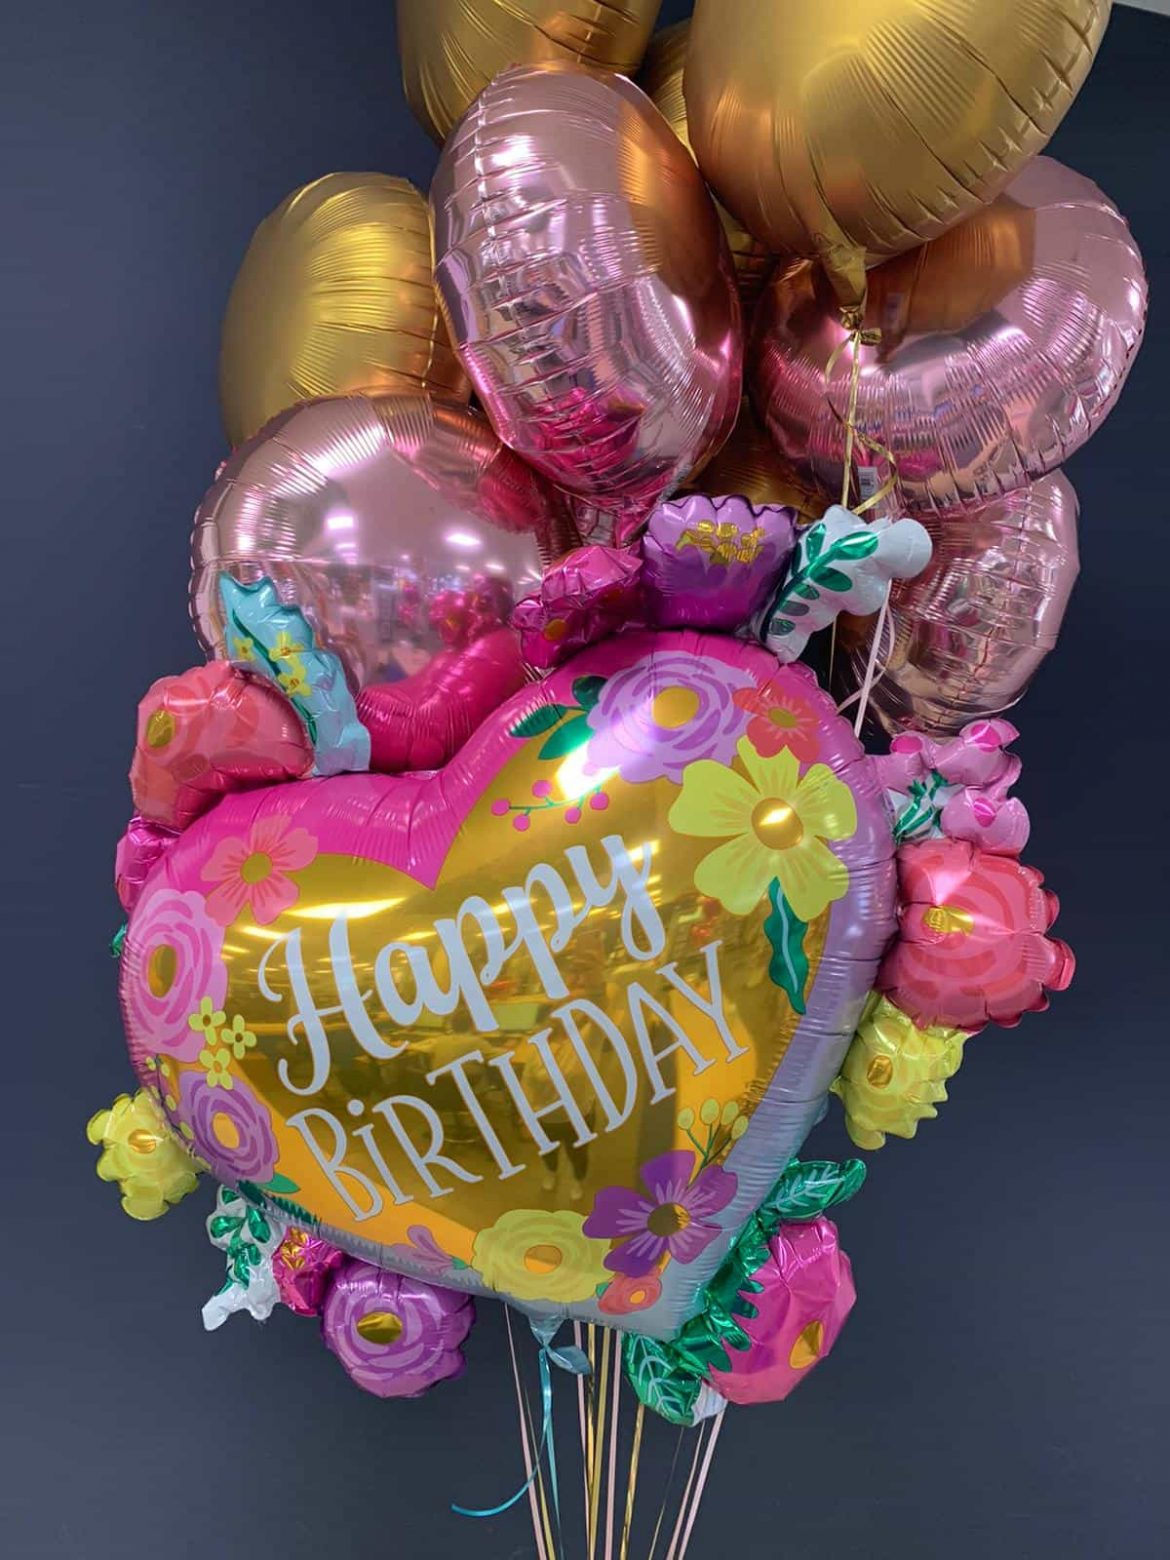 Happy Birthday Herz €8,90<br />Dekoballons €4,50 1